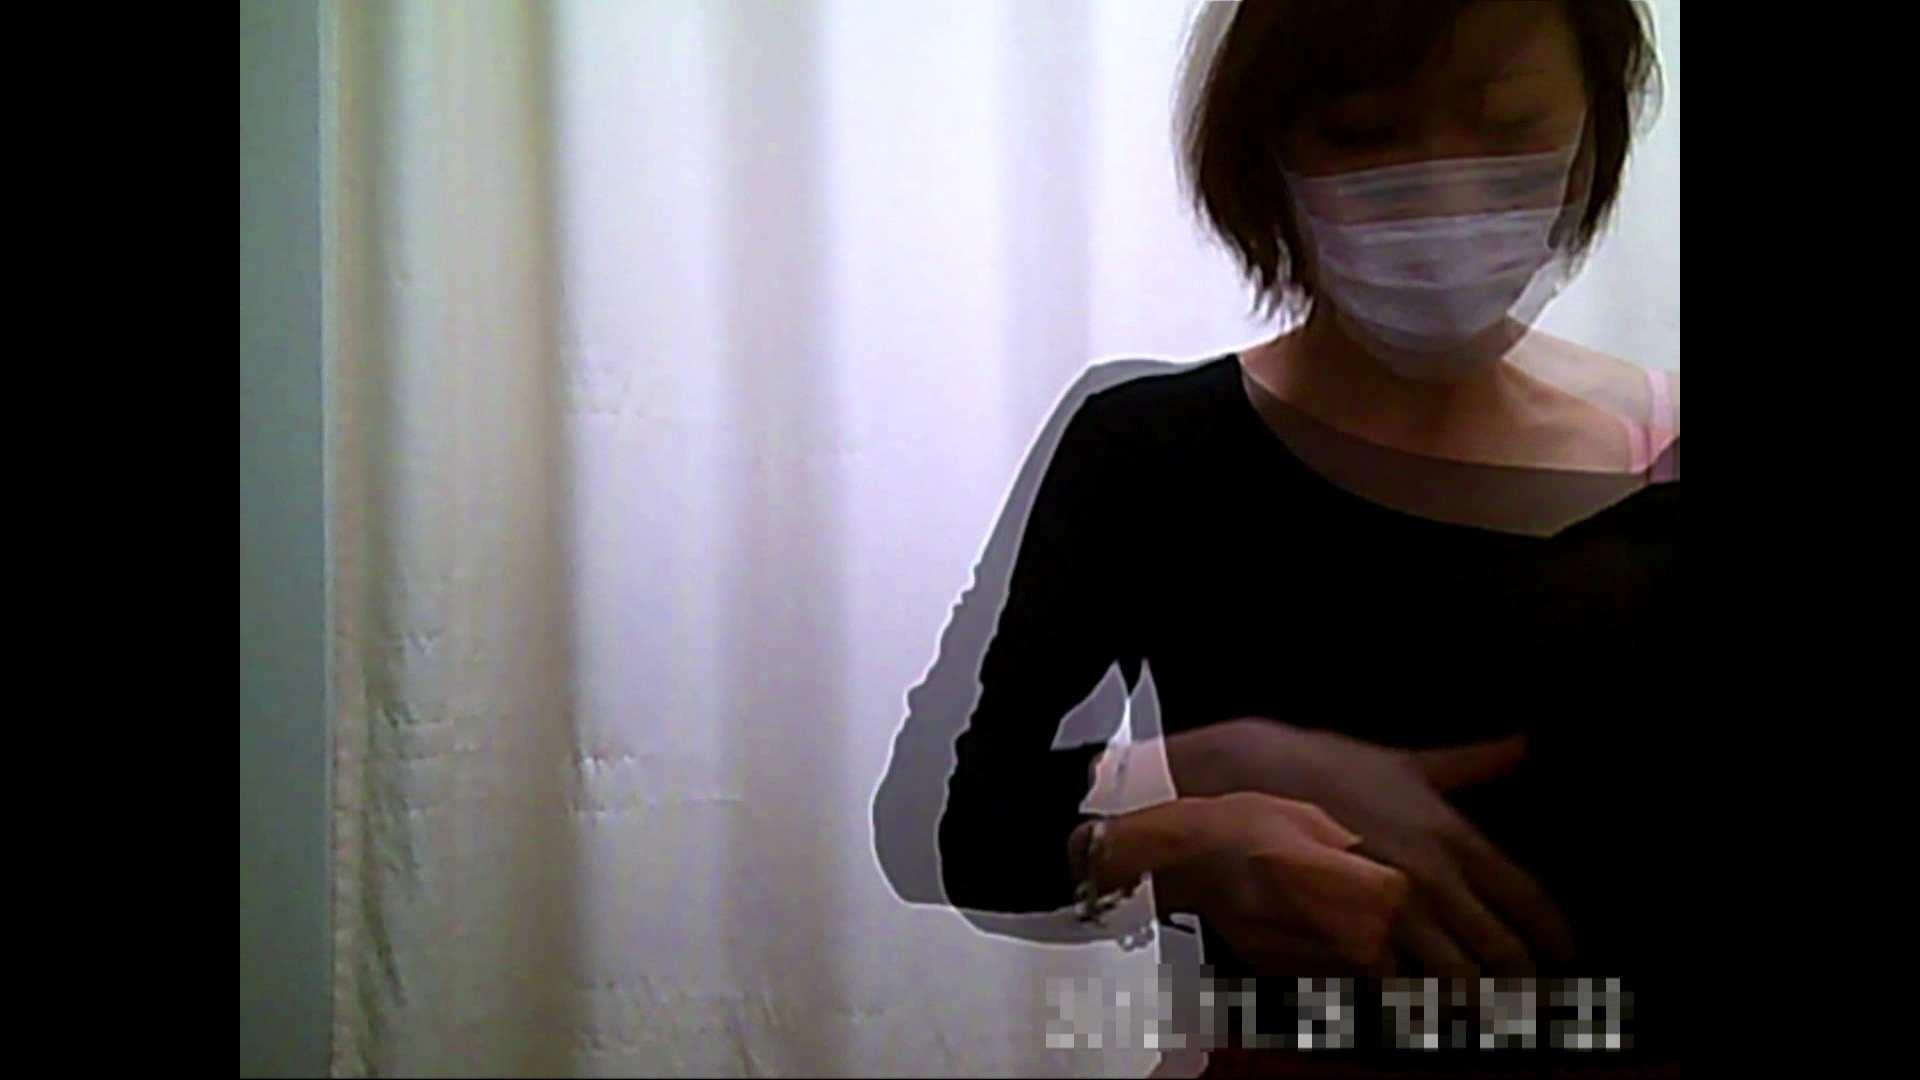 病院おもいっきり着替え! vol.159 おっぱい AV無料動画キャプチャ 98画像 52